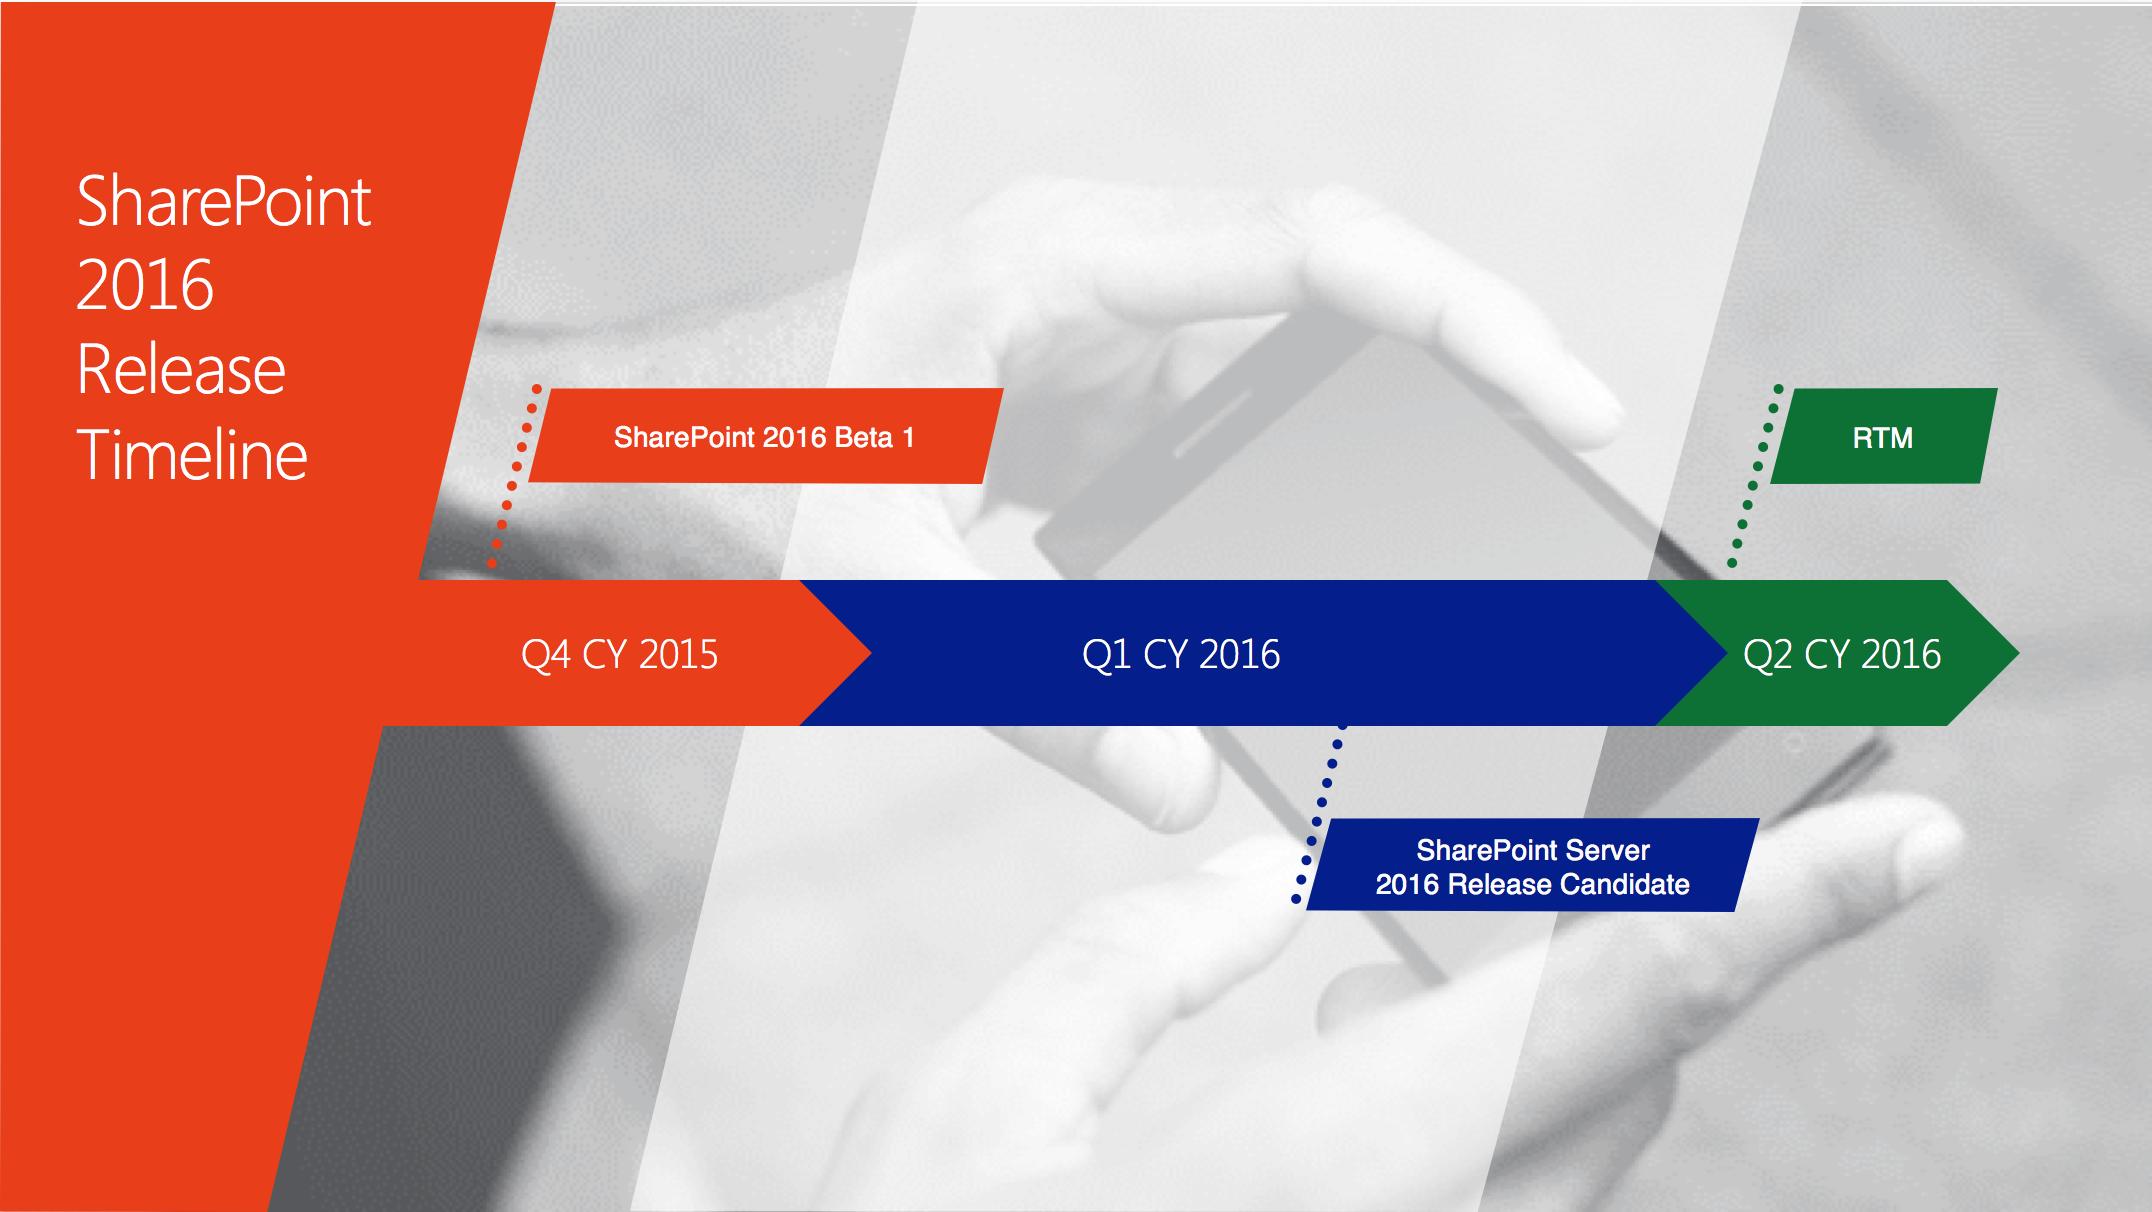 Beschikbaarheid van SharePoint 2016